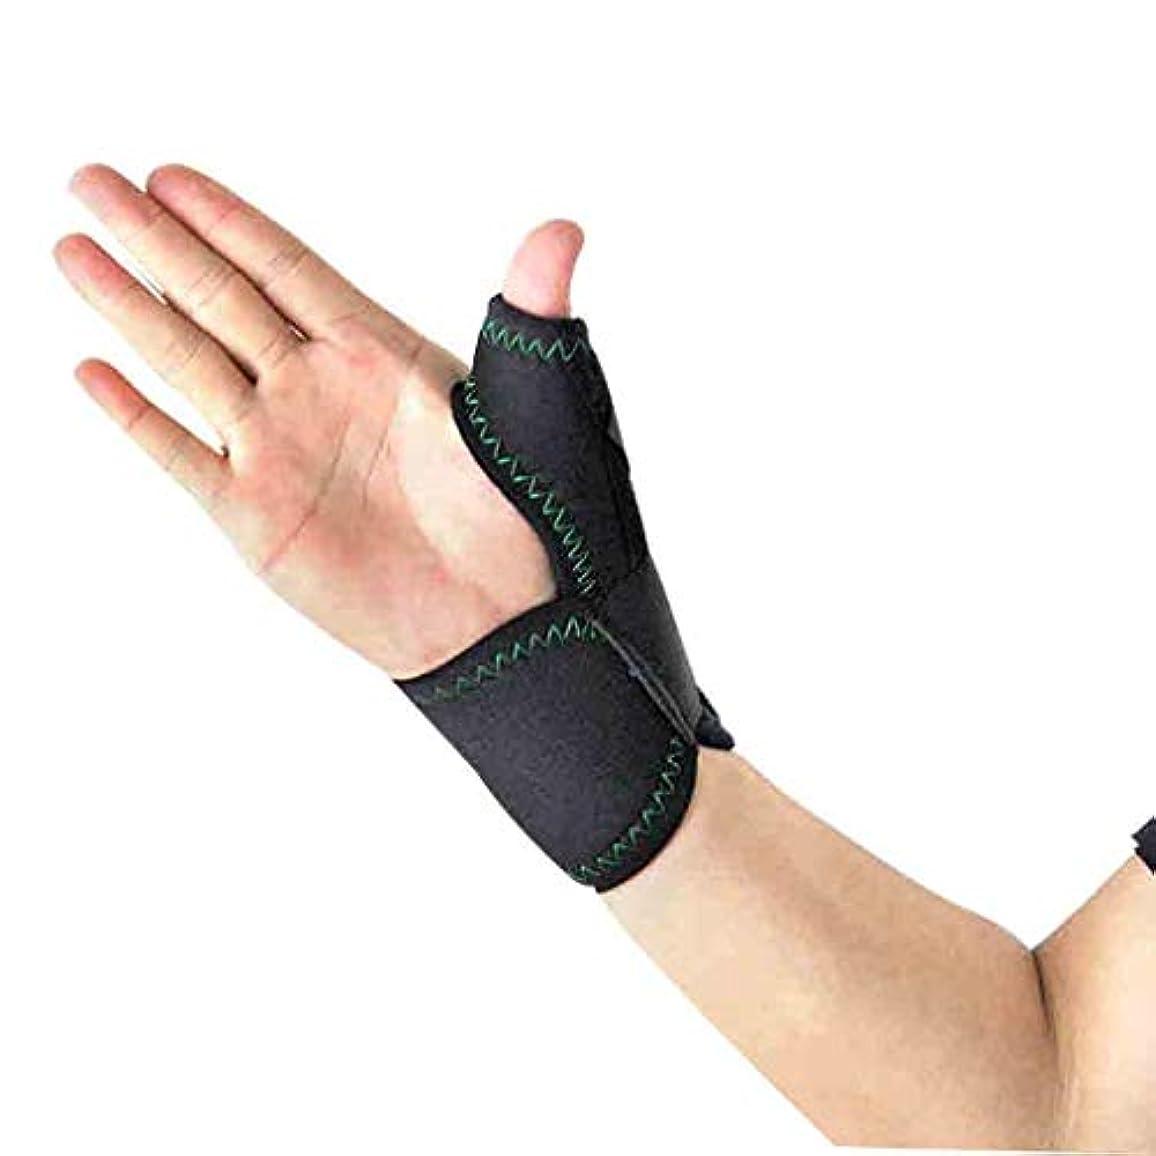 転送シェアカリキュラムThumbブレースは、手首のストラップでトリガーThumbガードのThumbのスプリントをラップします。ブレースThumbのスプリント、Thumbの関節炎の痛みを軽減するブレース(1個、ユニセックス、左&右手、M) Roscloud@